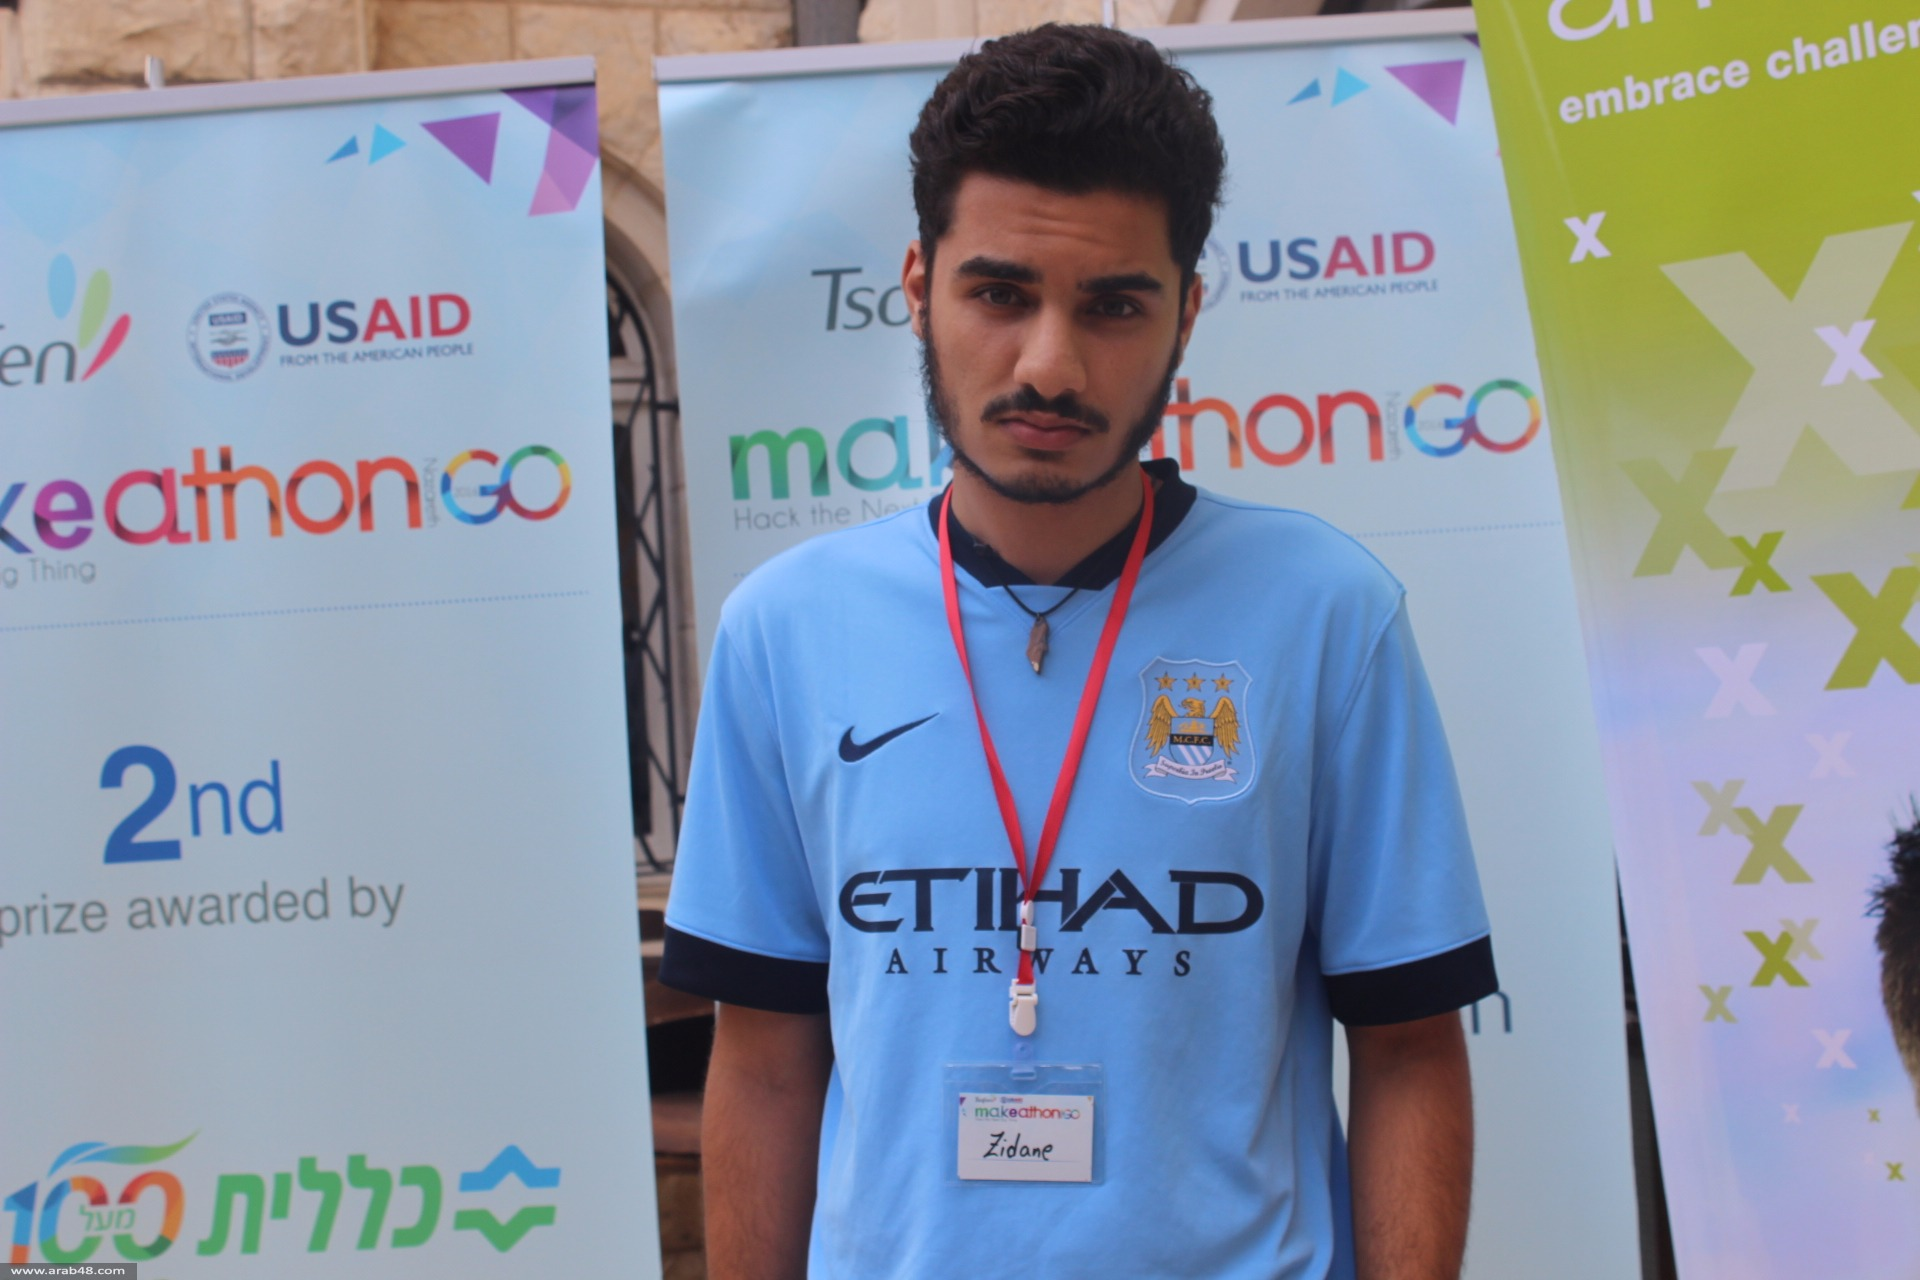 ماكثون في الناصرة: مسابقة داعمة للشباب العرب في الهايتك